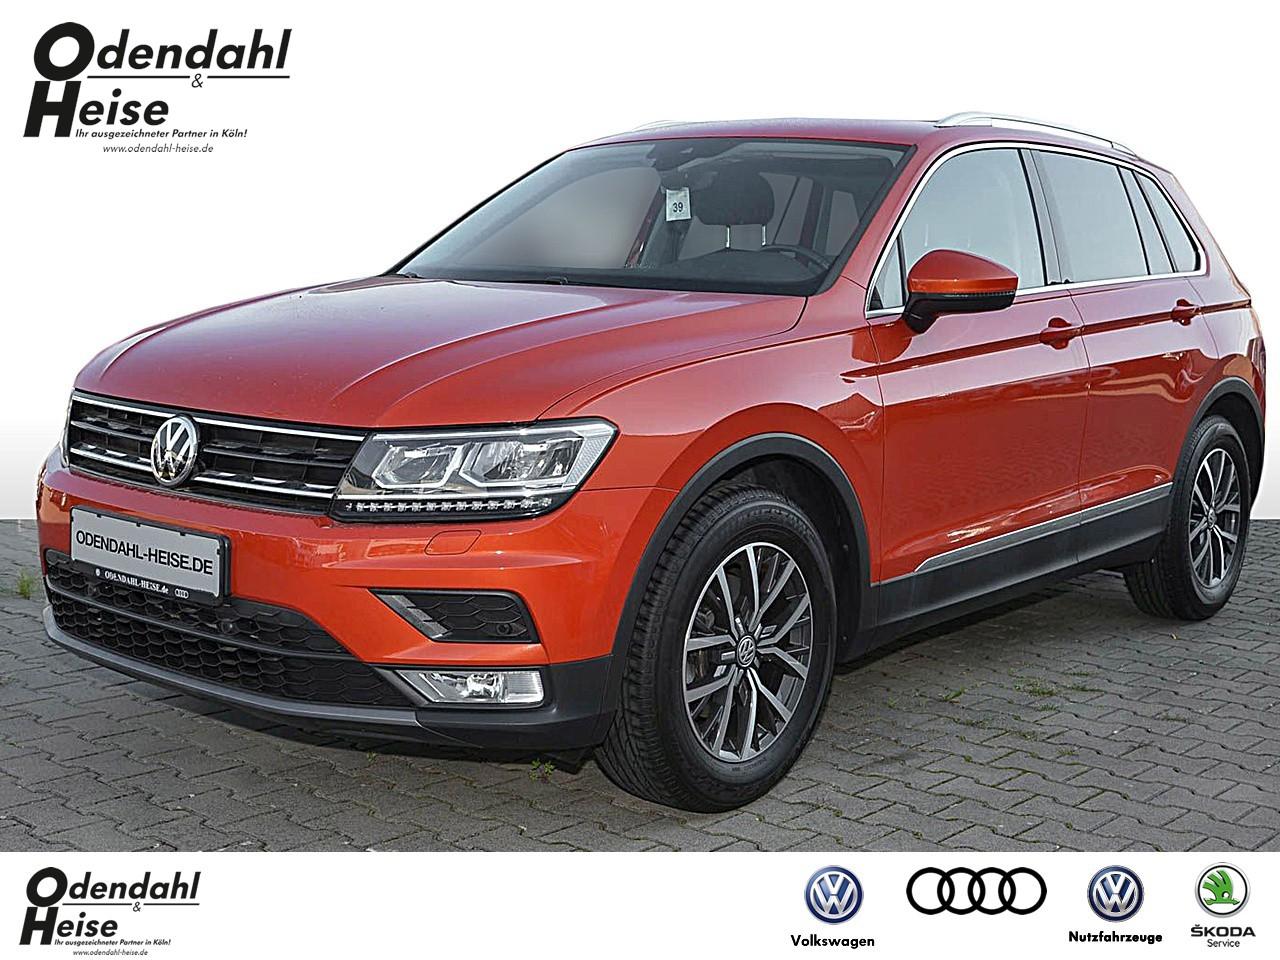 Volkswagen Tiguan Comfortline BMT 1,4 l TSI EU6 Navi, Jahr 2017, Benzin